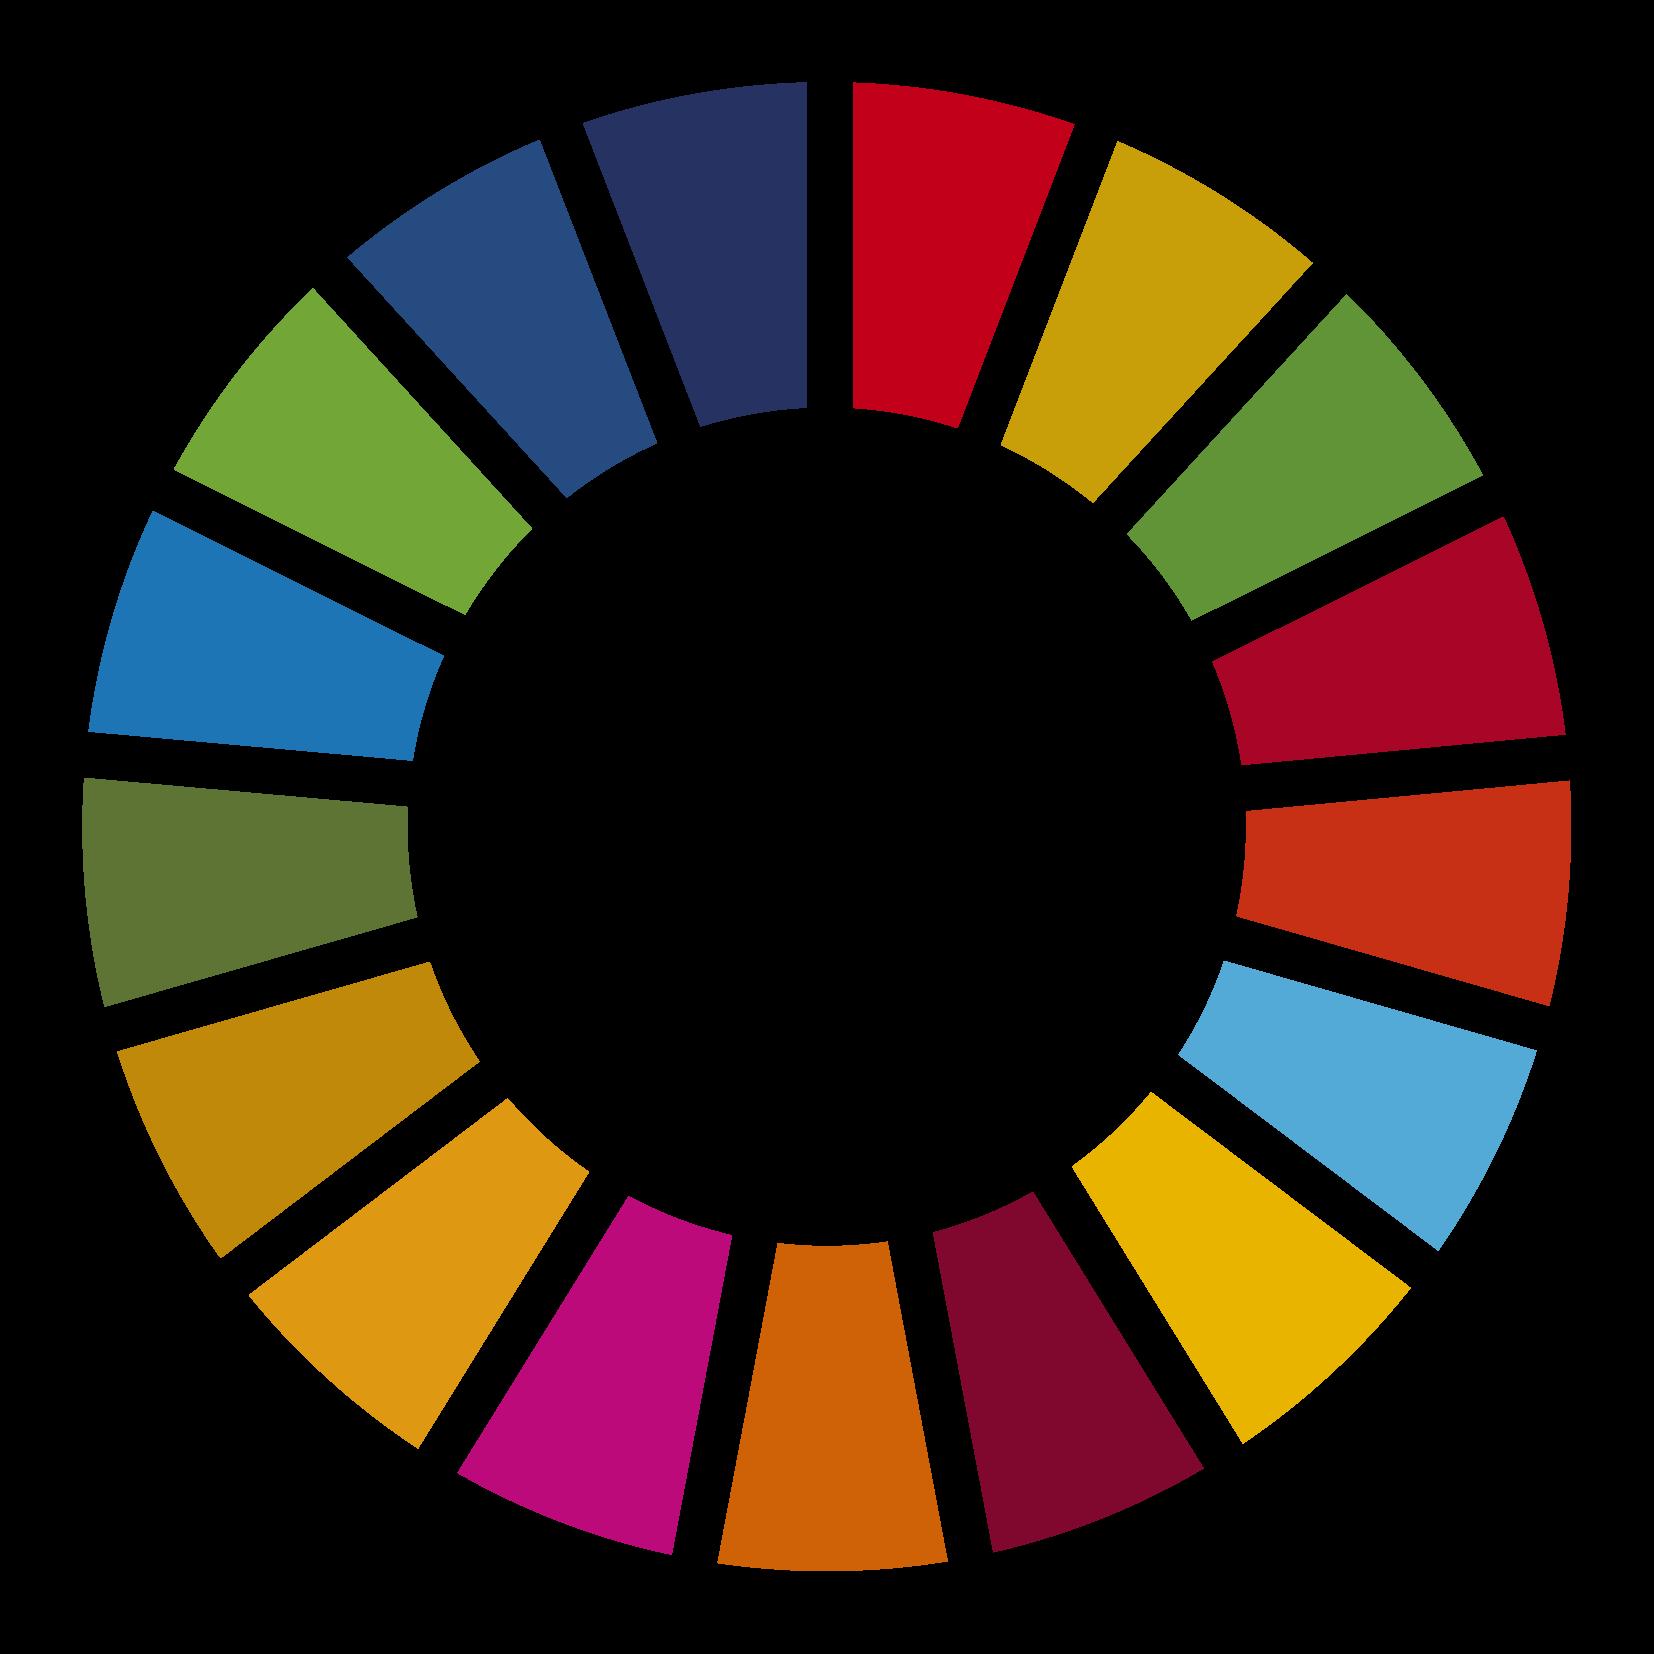 Kommunikationsmateriale | Verdensmålene - for bæredygtig udvikling